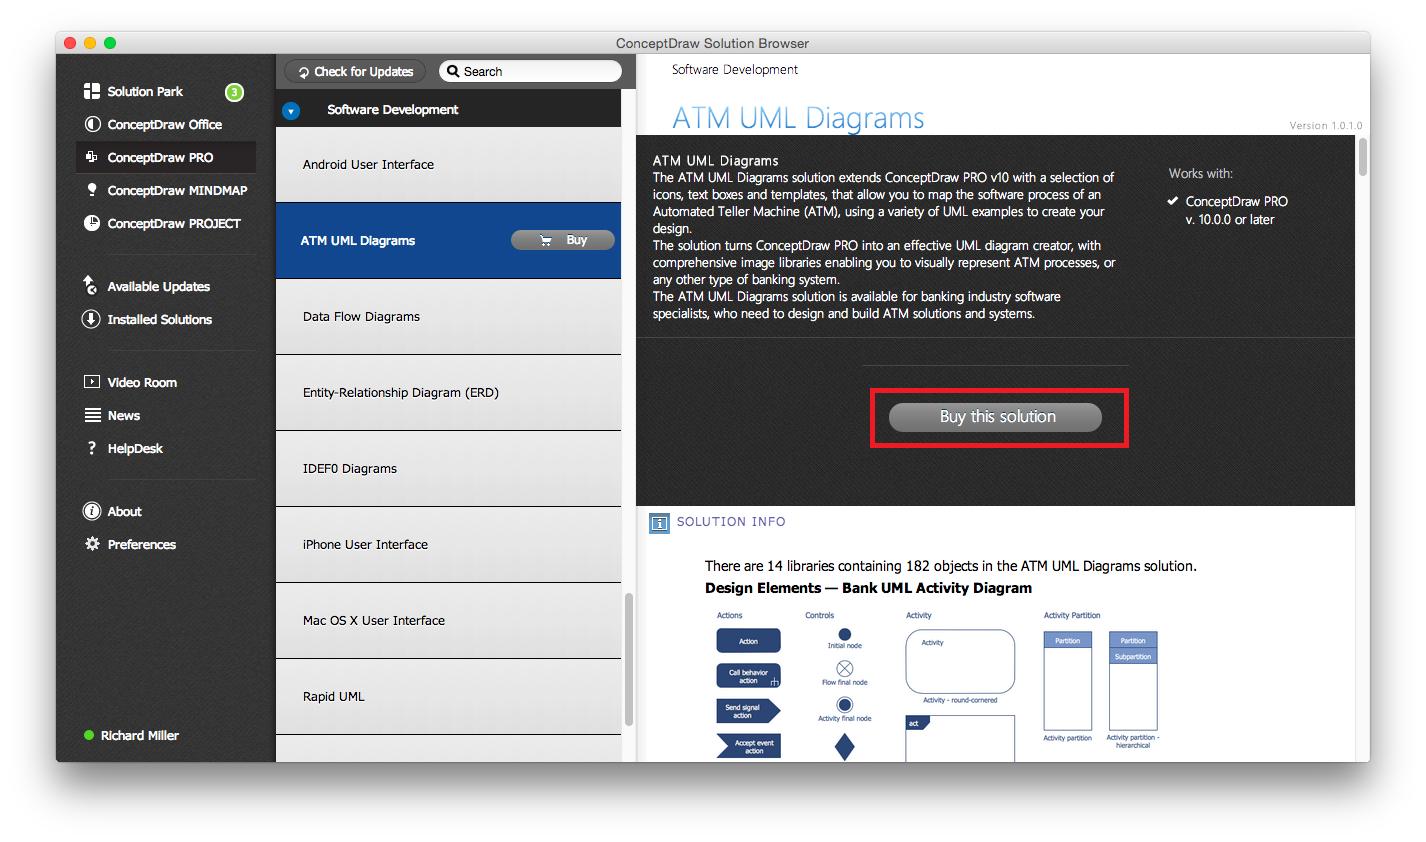 ATM UML Diagrams Solution — Buy